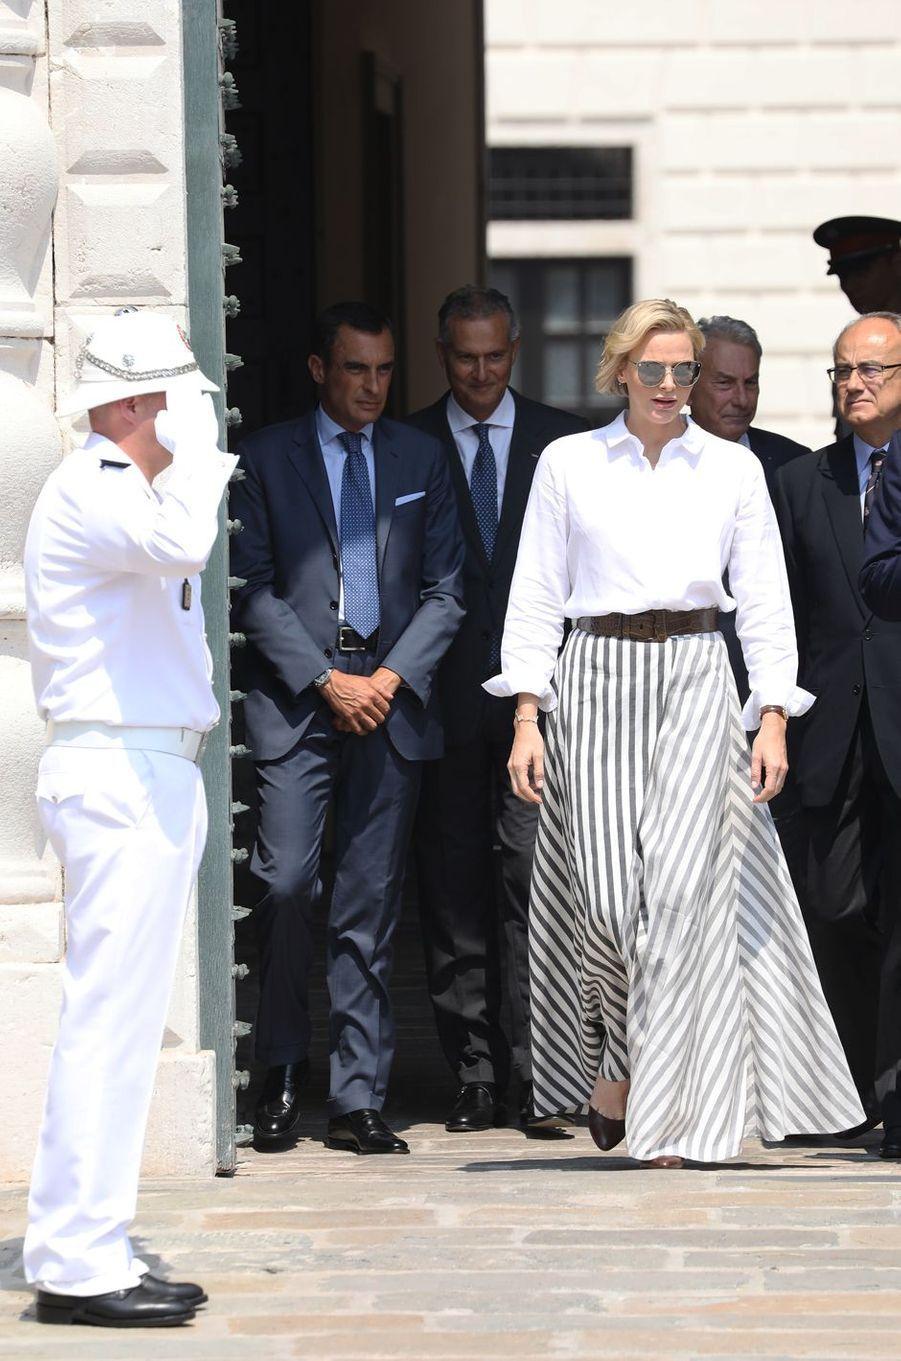 La princesse Charlène de Monaco dans une maxi jupe rayée à Monaco, le 30 juin 2019